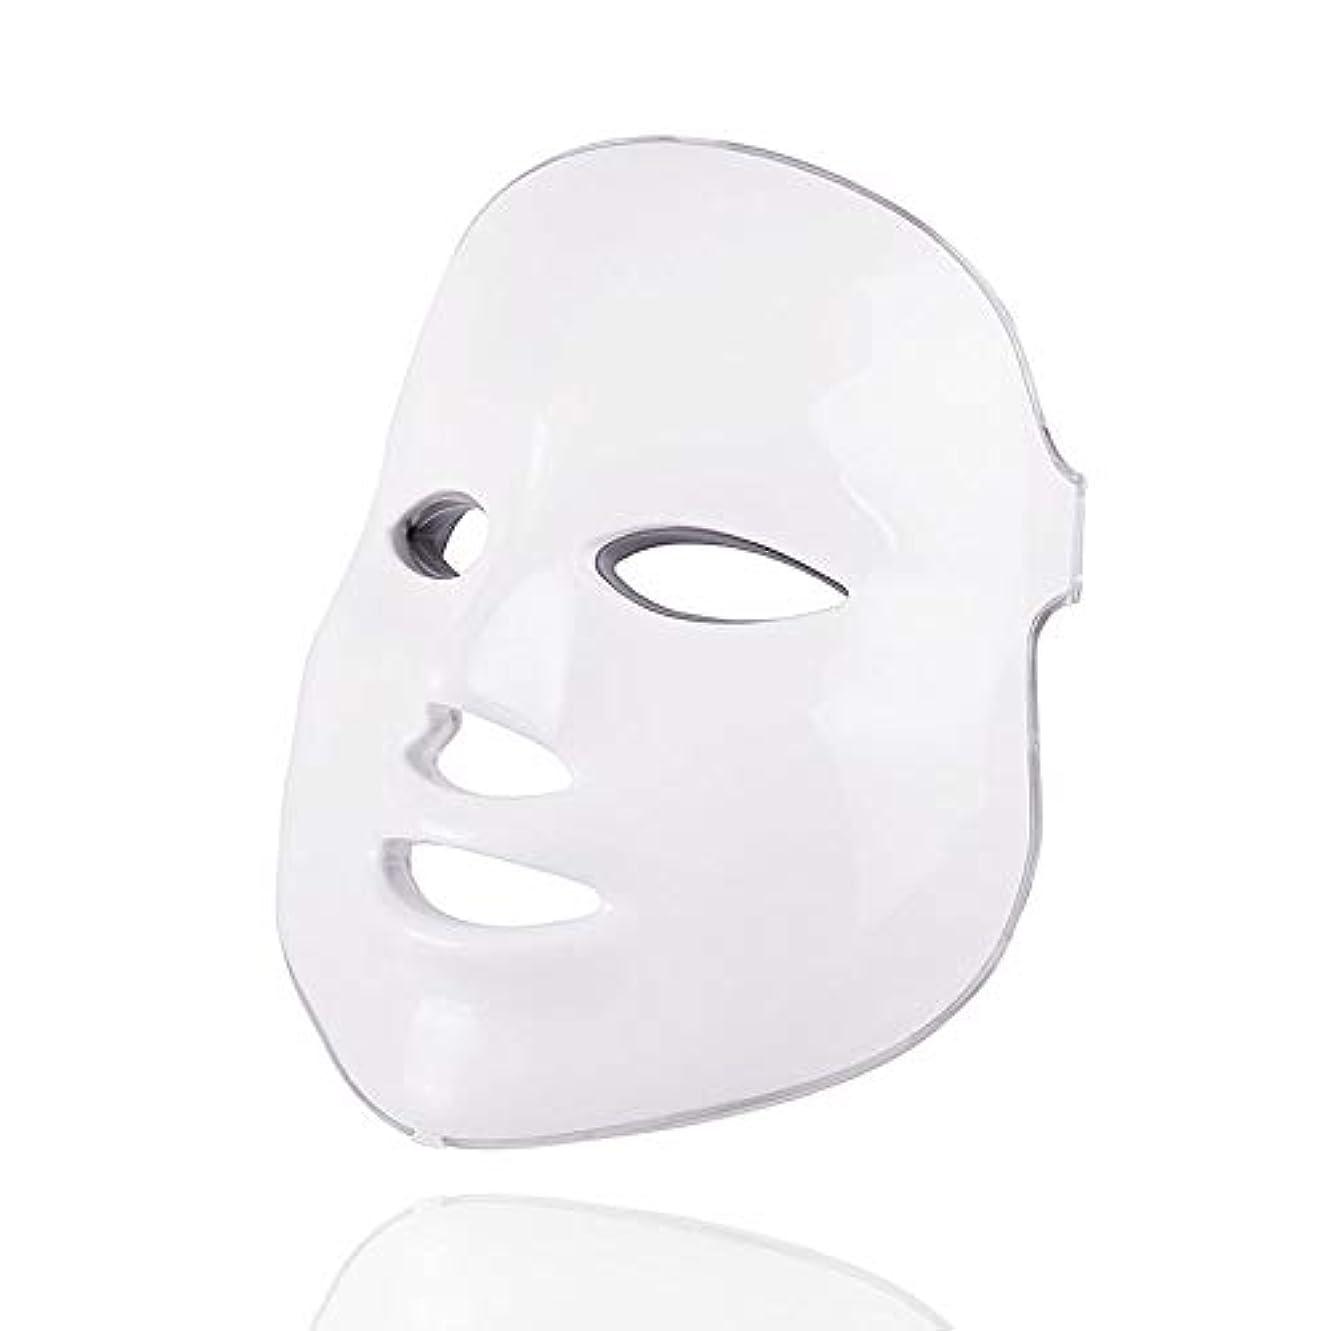 浮浪者変化する優先7色美容療法光子、ledフェイシャルマスクライトスキンケア若返りしわにきび除去顔美容スパ楽器